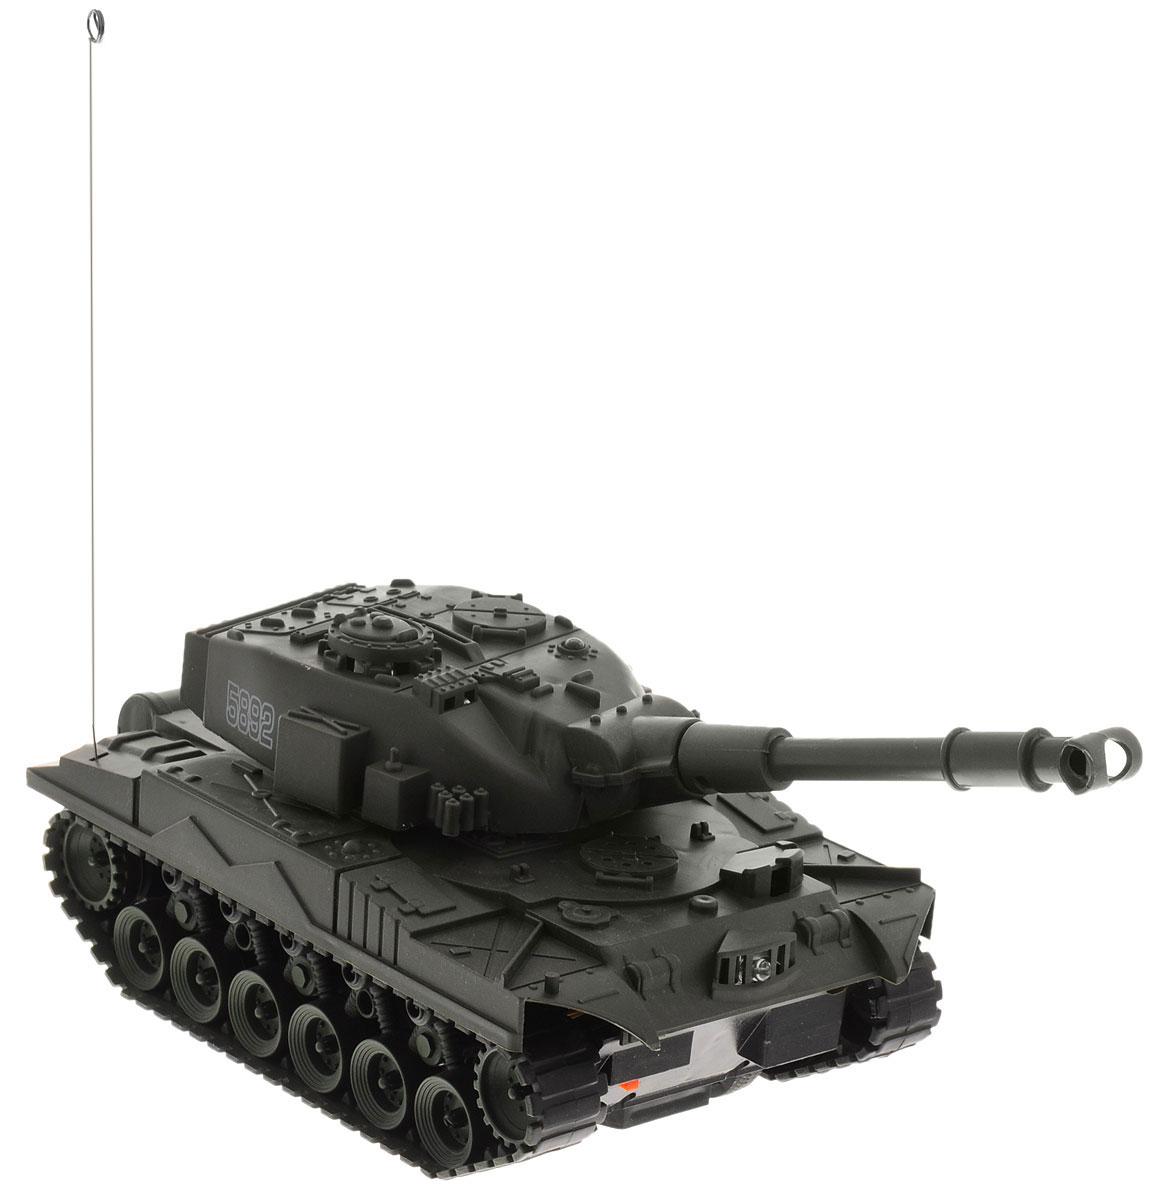 Junfa Toys Танк на радиоуправлении Super Power Panzer цвет темно-зеленый5892_Танк_5892Эффектный танк на радиоуправлении Junfa Toys Super Power Panzer понравится каждому мальчишке, который интересуется военной техникой. Стремительно прорываясь вперед сквозь препятствия, танк издает реалистичные звуки работающего мотора, а во время стрельбы у него загорается огонек в дуле пушки и раздаются звуки мощного выстрела. Игрушка работает от пульта управления и может не только передвигаться назад, вперед, налево и направо, но и поворачивать пушку. Пульт управления работает на частоте 27 MHz. Выглядит модель на удивление реалистично, а уровень ее детализации поражает воображение. Радиоуправляемые игрушки способствуют развитию координации движений, моторики и ловкости. Для работы танка необходимо купить 4 батарейки напряжением 1,5V типа АА (не входят в комплект). Для работы пульта управления необходимо купить 2 батарейки напряжением 1,5V типа АА (не входят в комплект).